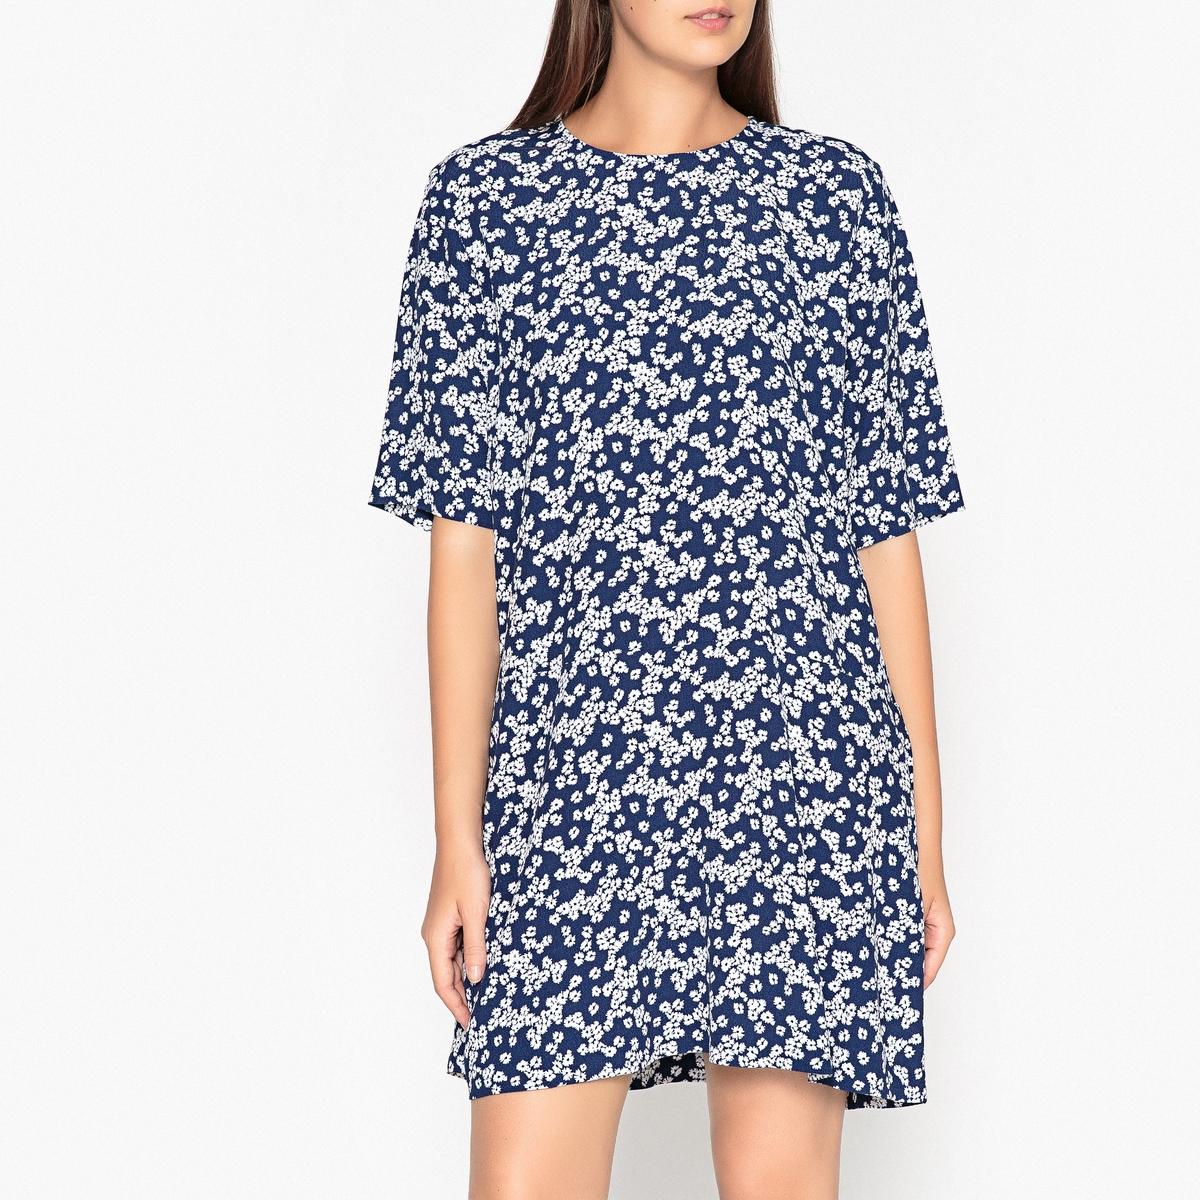 купить Платье короткое расклешенное с короткими рукавами по цене 9749 рублей